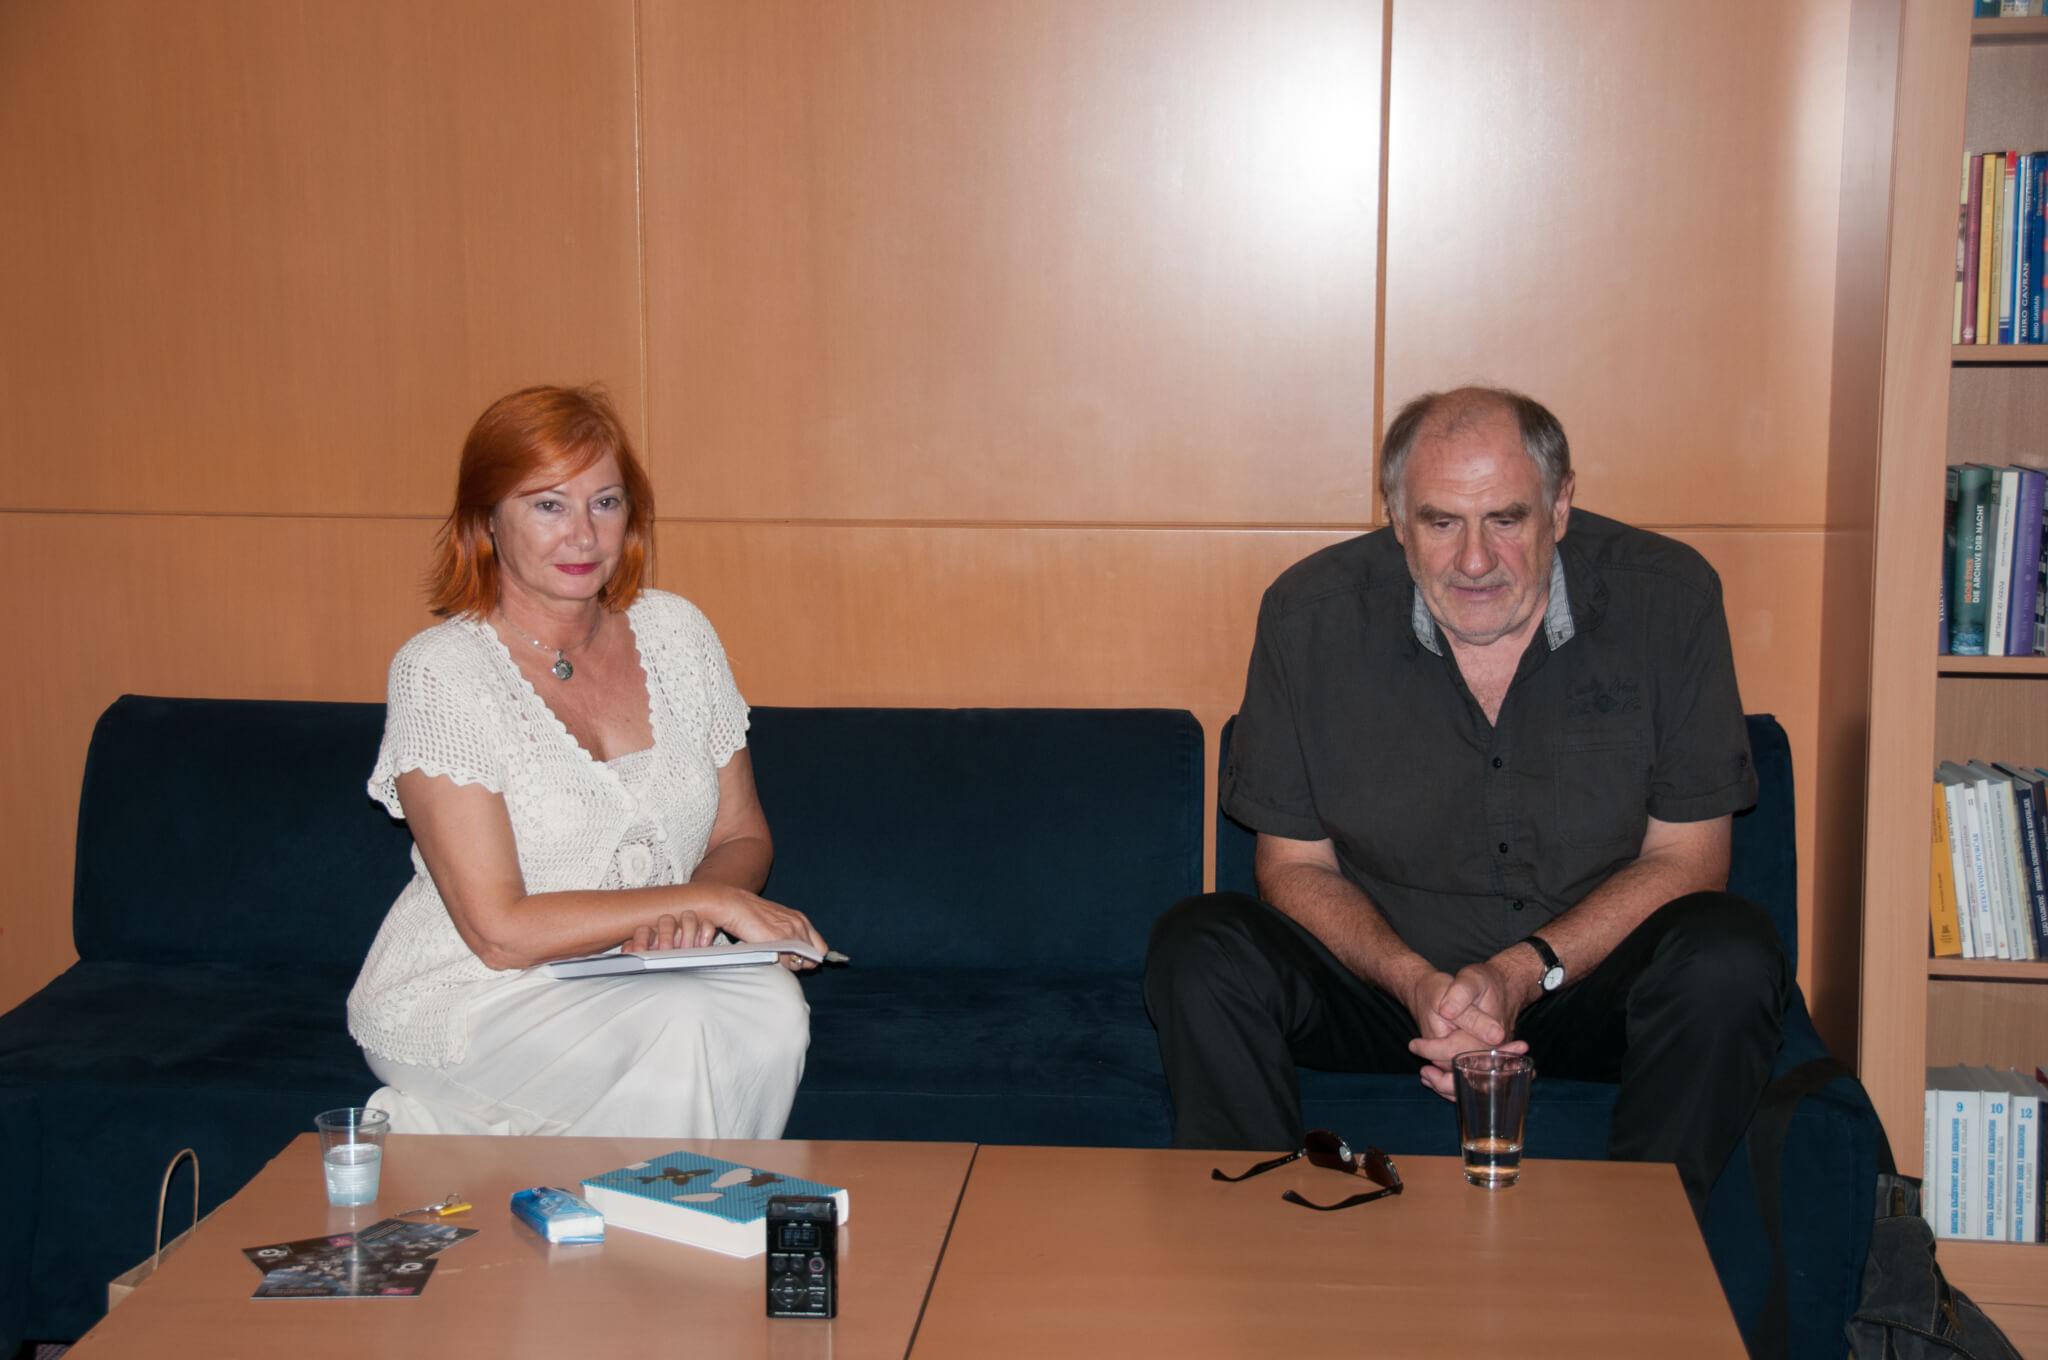 Voditeljca tribine dr. sc. Željka Lovrenčić i književnik Dražen Katunarić.